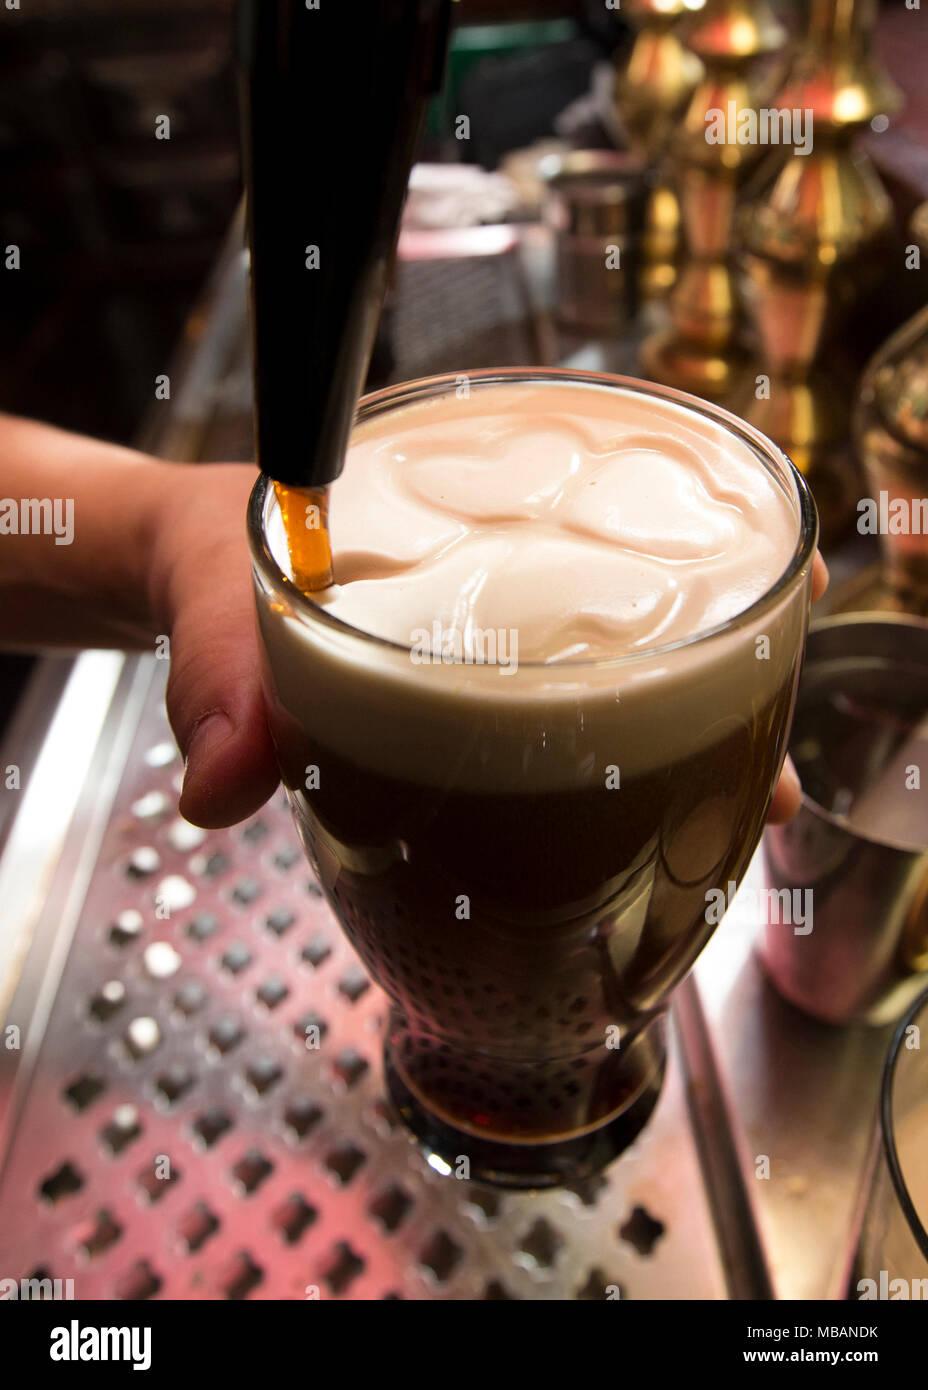 Gros plan du dessin un barman un trèfle dans la mousse de bière La bière avec le robinet. Il pleut une bière irlandaise noir foncé au comptoir du bar. Photo Stock